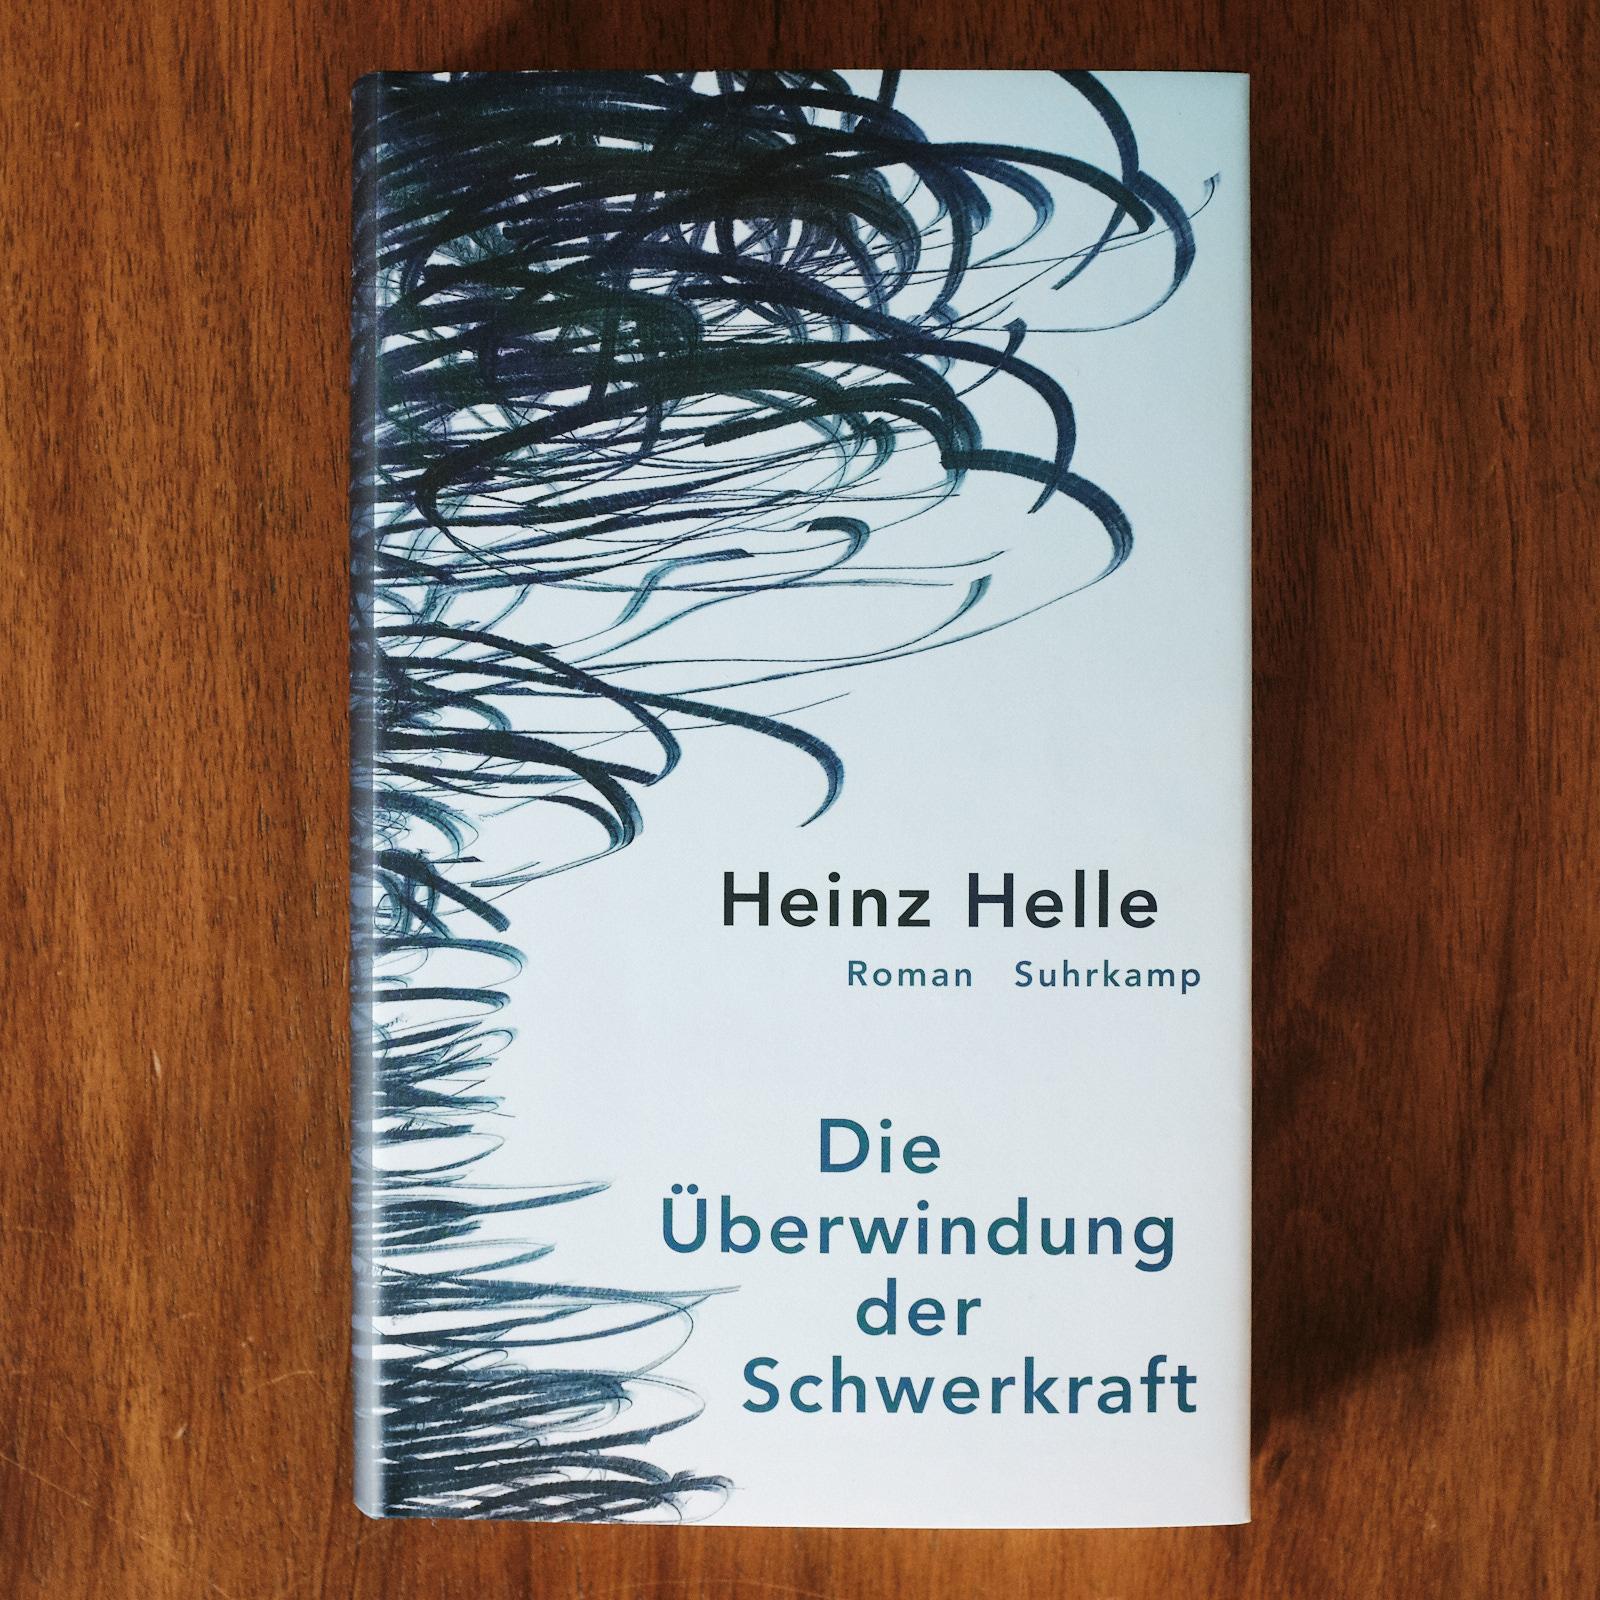 Heinz Helle.  Die Überwindung der Schwerkraft.  Frankfurt am Main: Suhrkamp 2018.